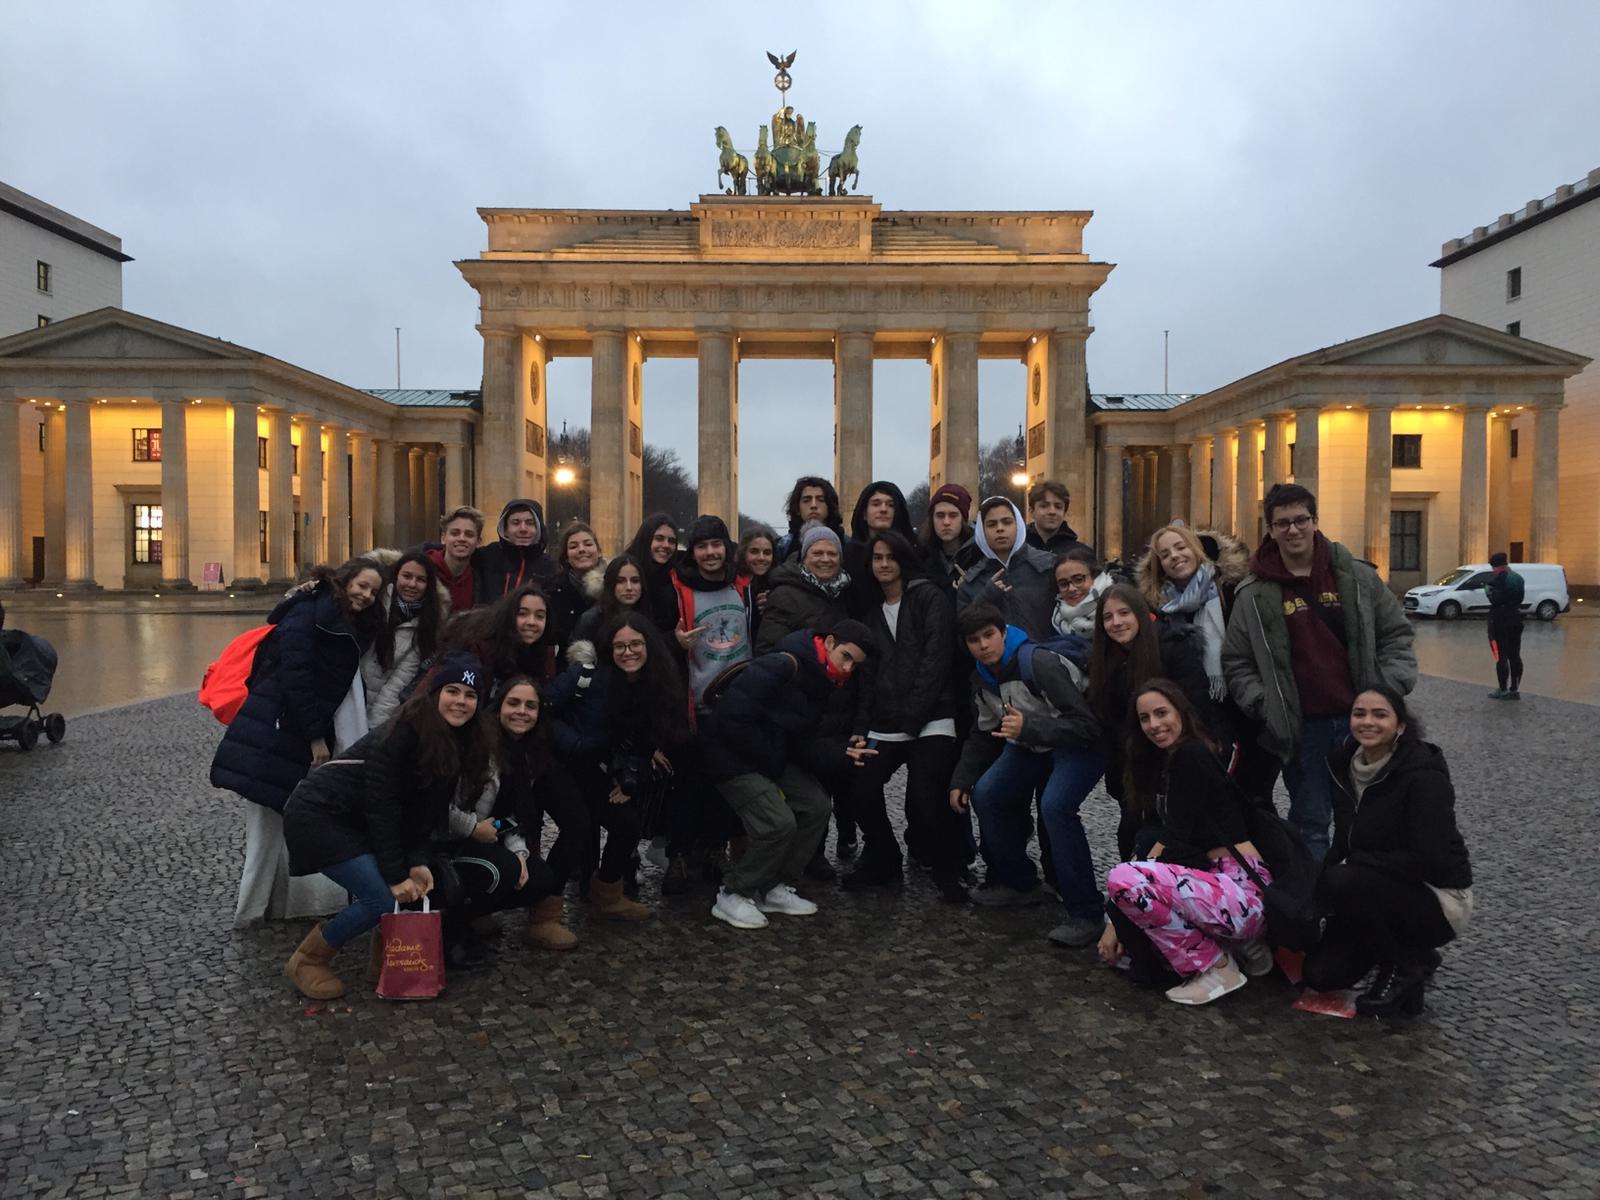 Unsere brasilianischen Gäste in Berlin